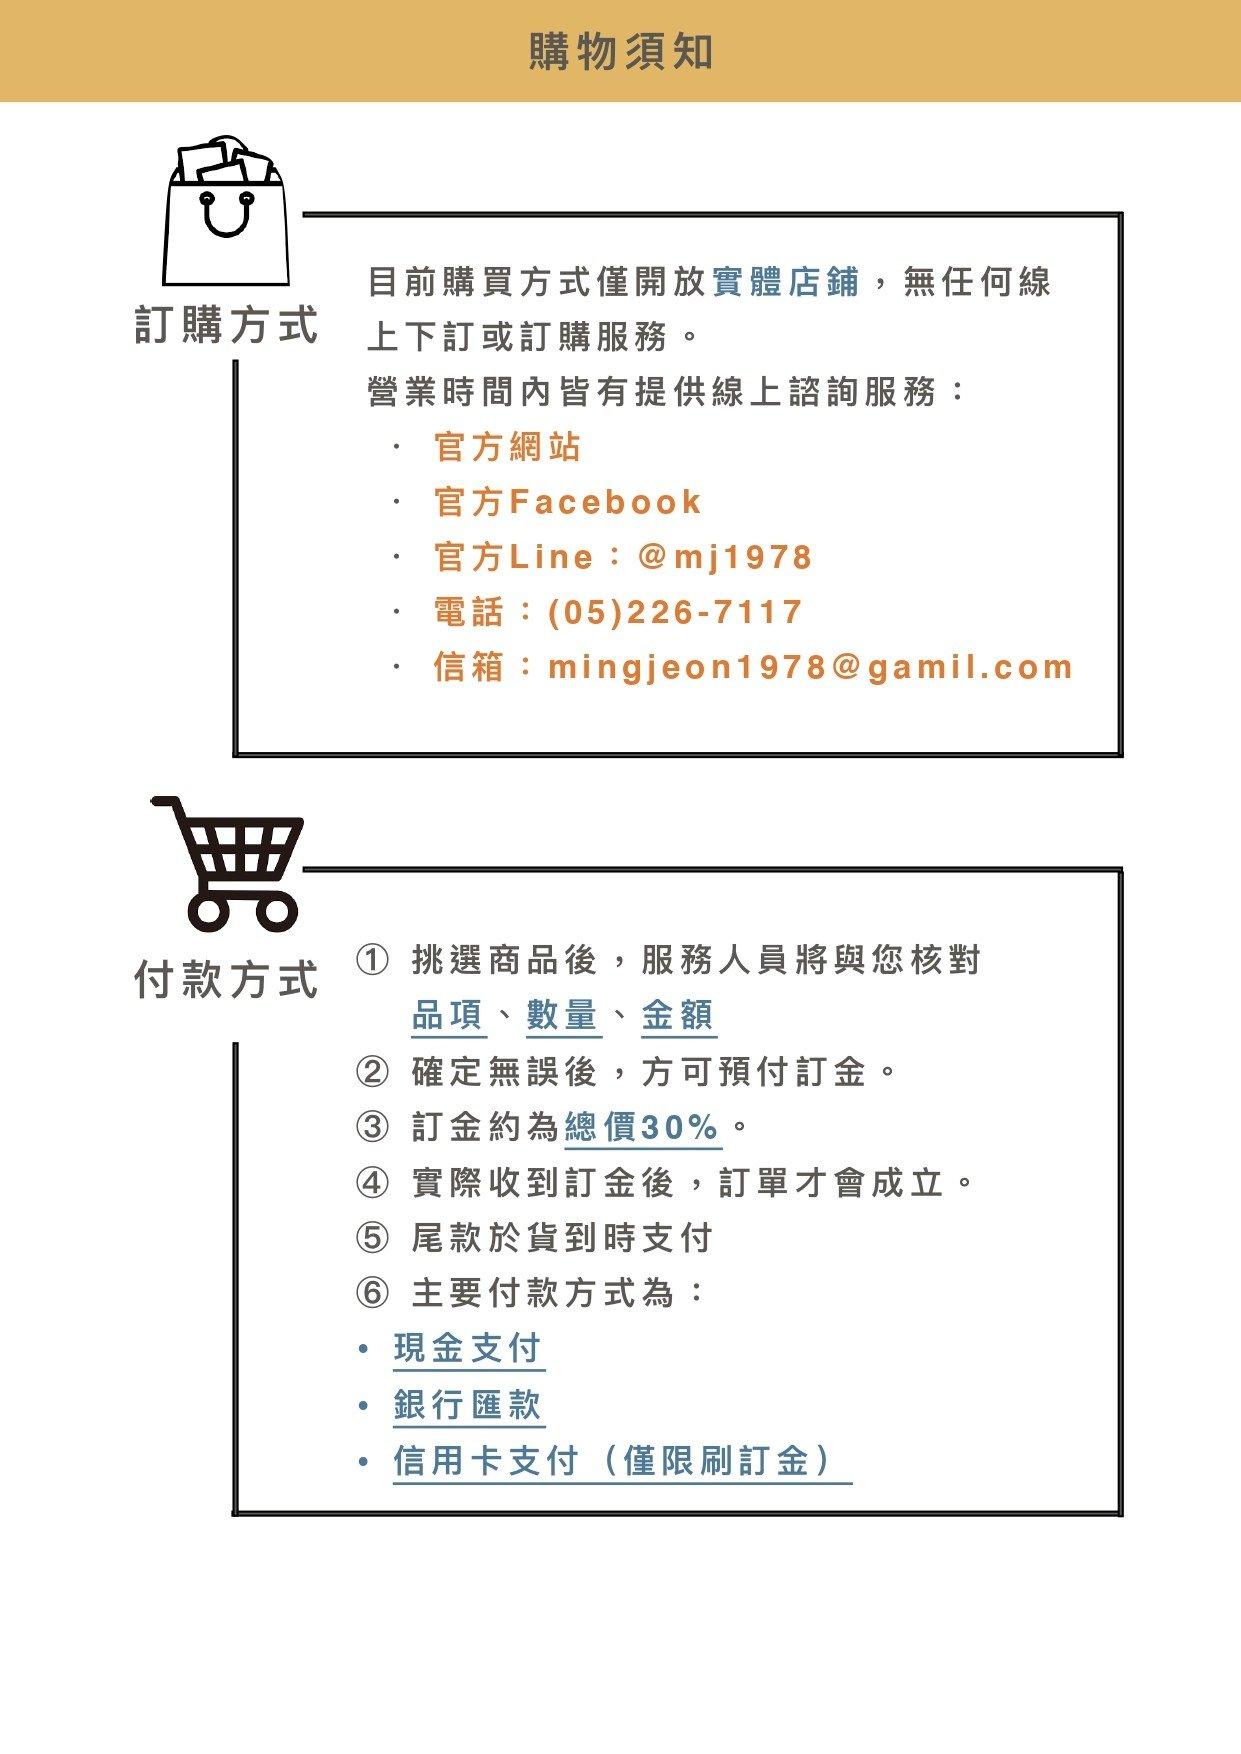 【訂購方式】1.目前購買方式僅開放實體店鋪,無任何線上下訂或訂購服務。2.營業時間內皆有提供線上諮詢服務: ・ 官方網站 ・ 官方Facebook  ・ 官方Line:@mj1978  ・ 電話:(05)226-7117 ・ 信箱:mingjeon1978@gamil.com【付款方式】1.挑選商品後,服務人員將與您核對品項、數量、金額 確定無誤後,方可預付訂金。2. 訂金約為總價30%。 3.實際收到訂金後,訂單才會成立。 4.尾款於貨到時支付。5.主要付款方式為: 現金支付 銀行匯款 信用卡支付(僅限刷訂金)